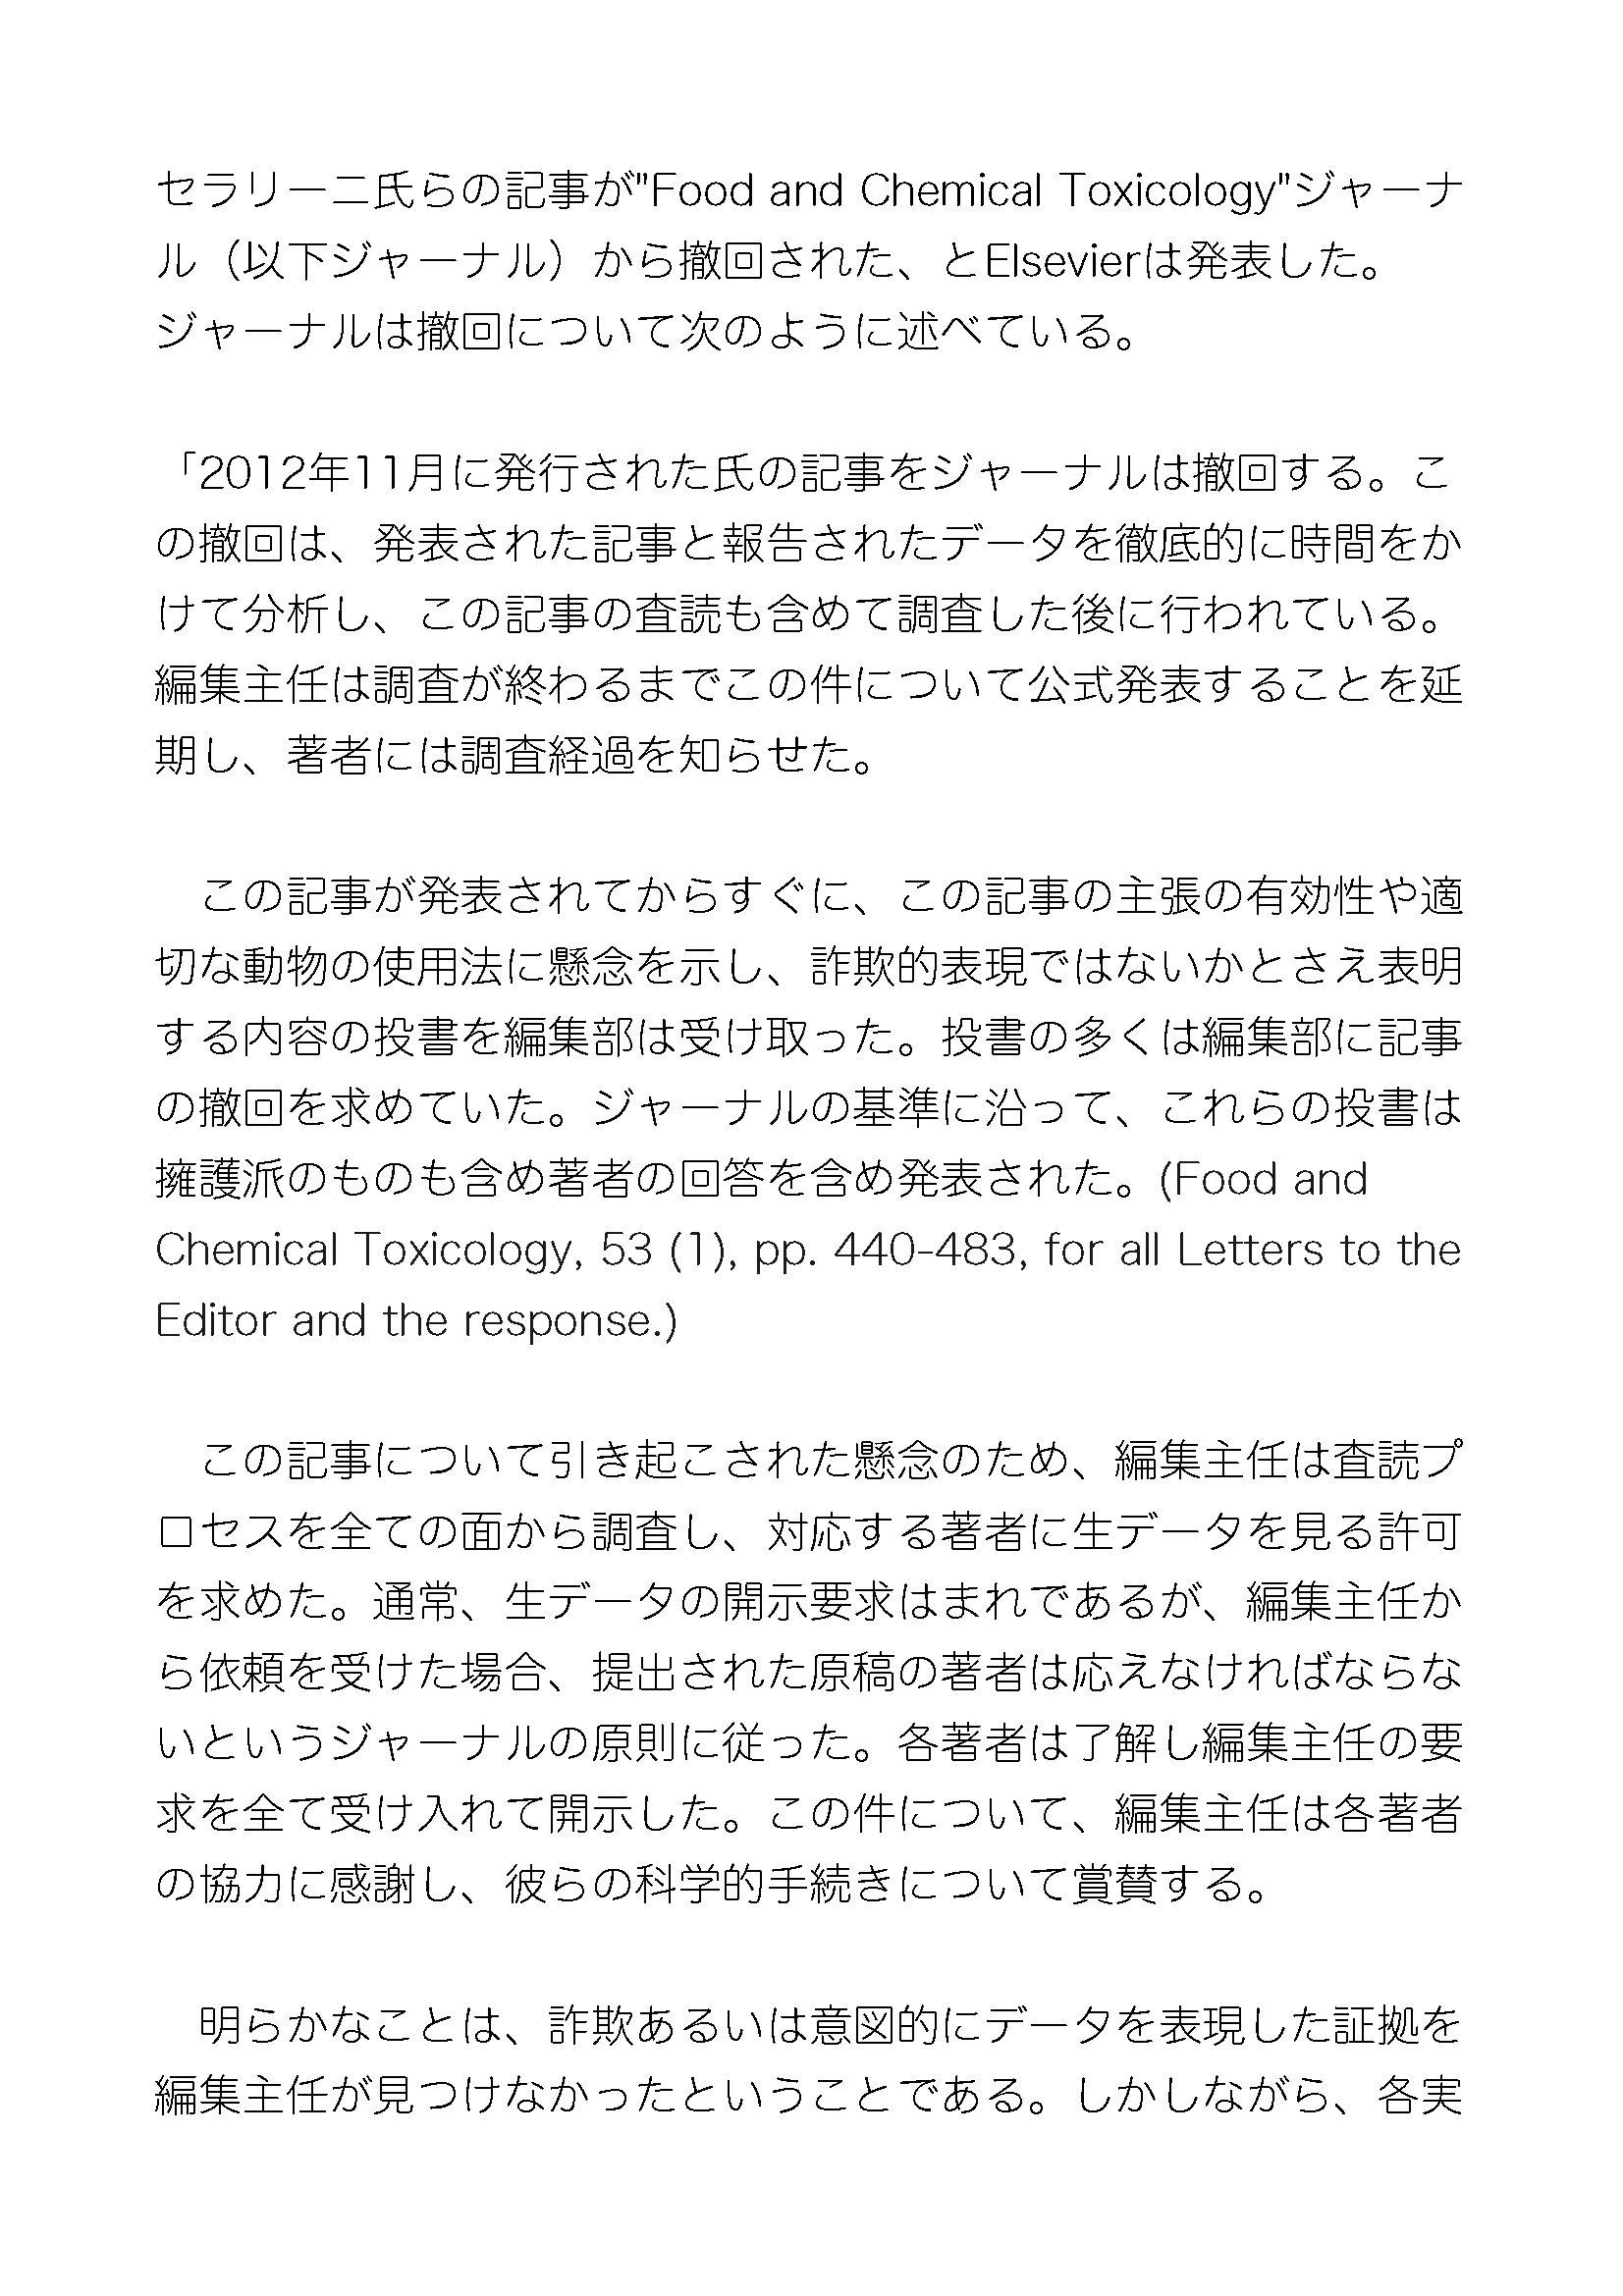 セラリーニ氏撤回文書_ページ_1